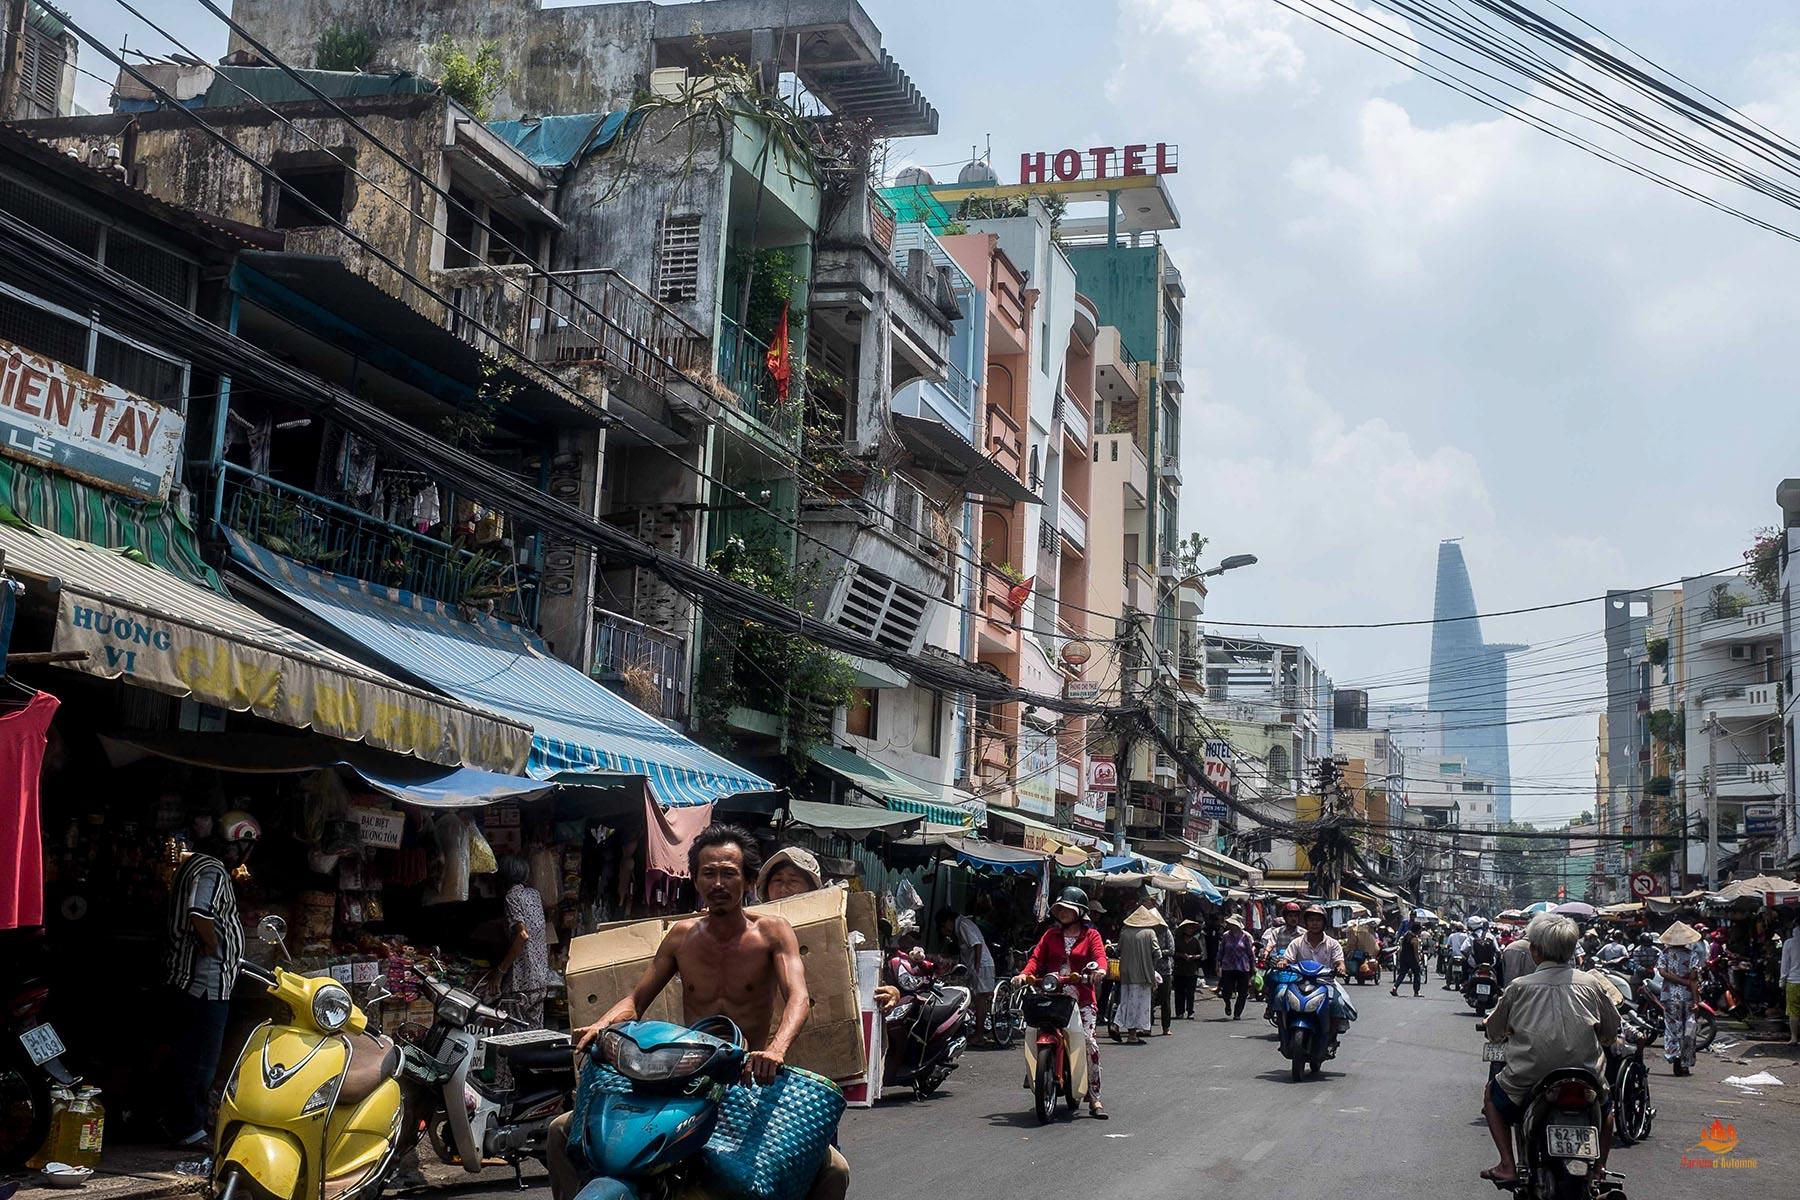 Vue de Bui Vien, Saigon, Vietnam